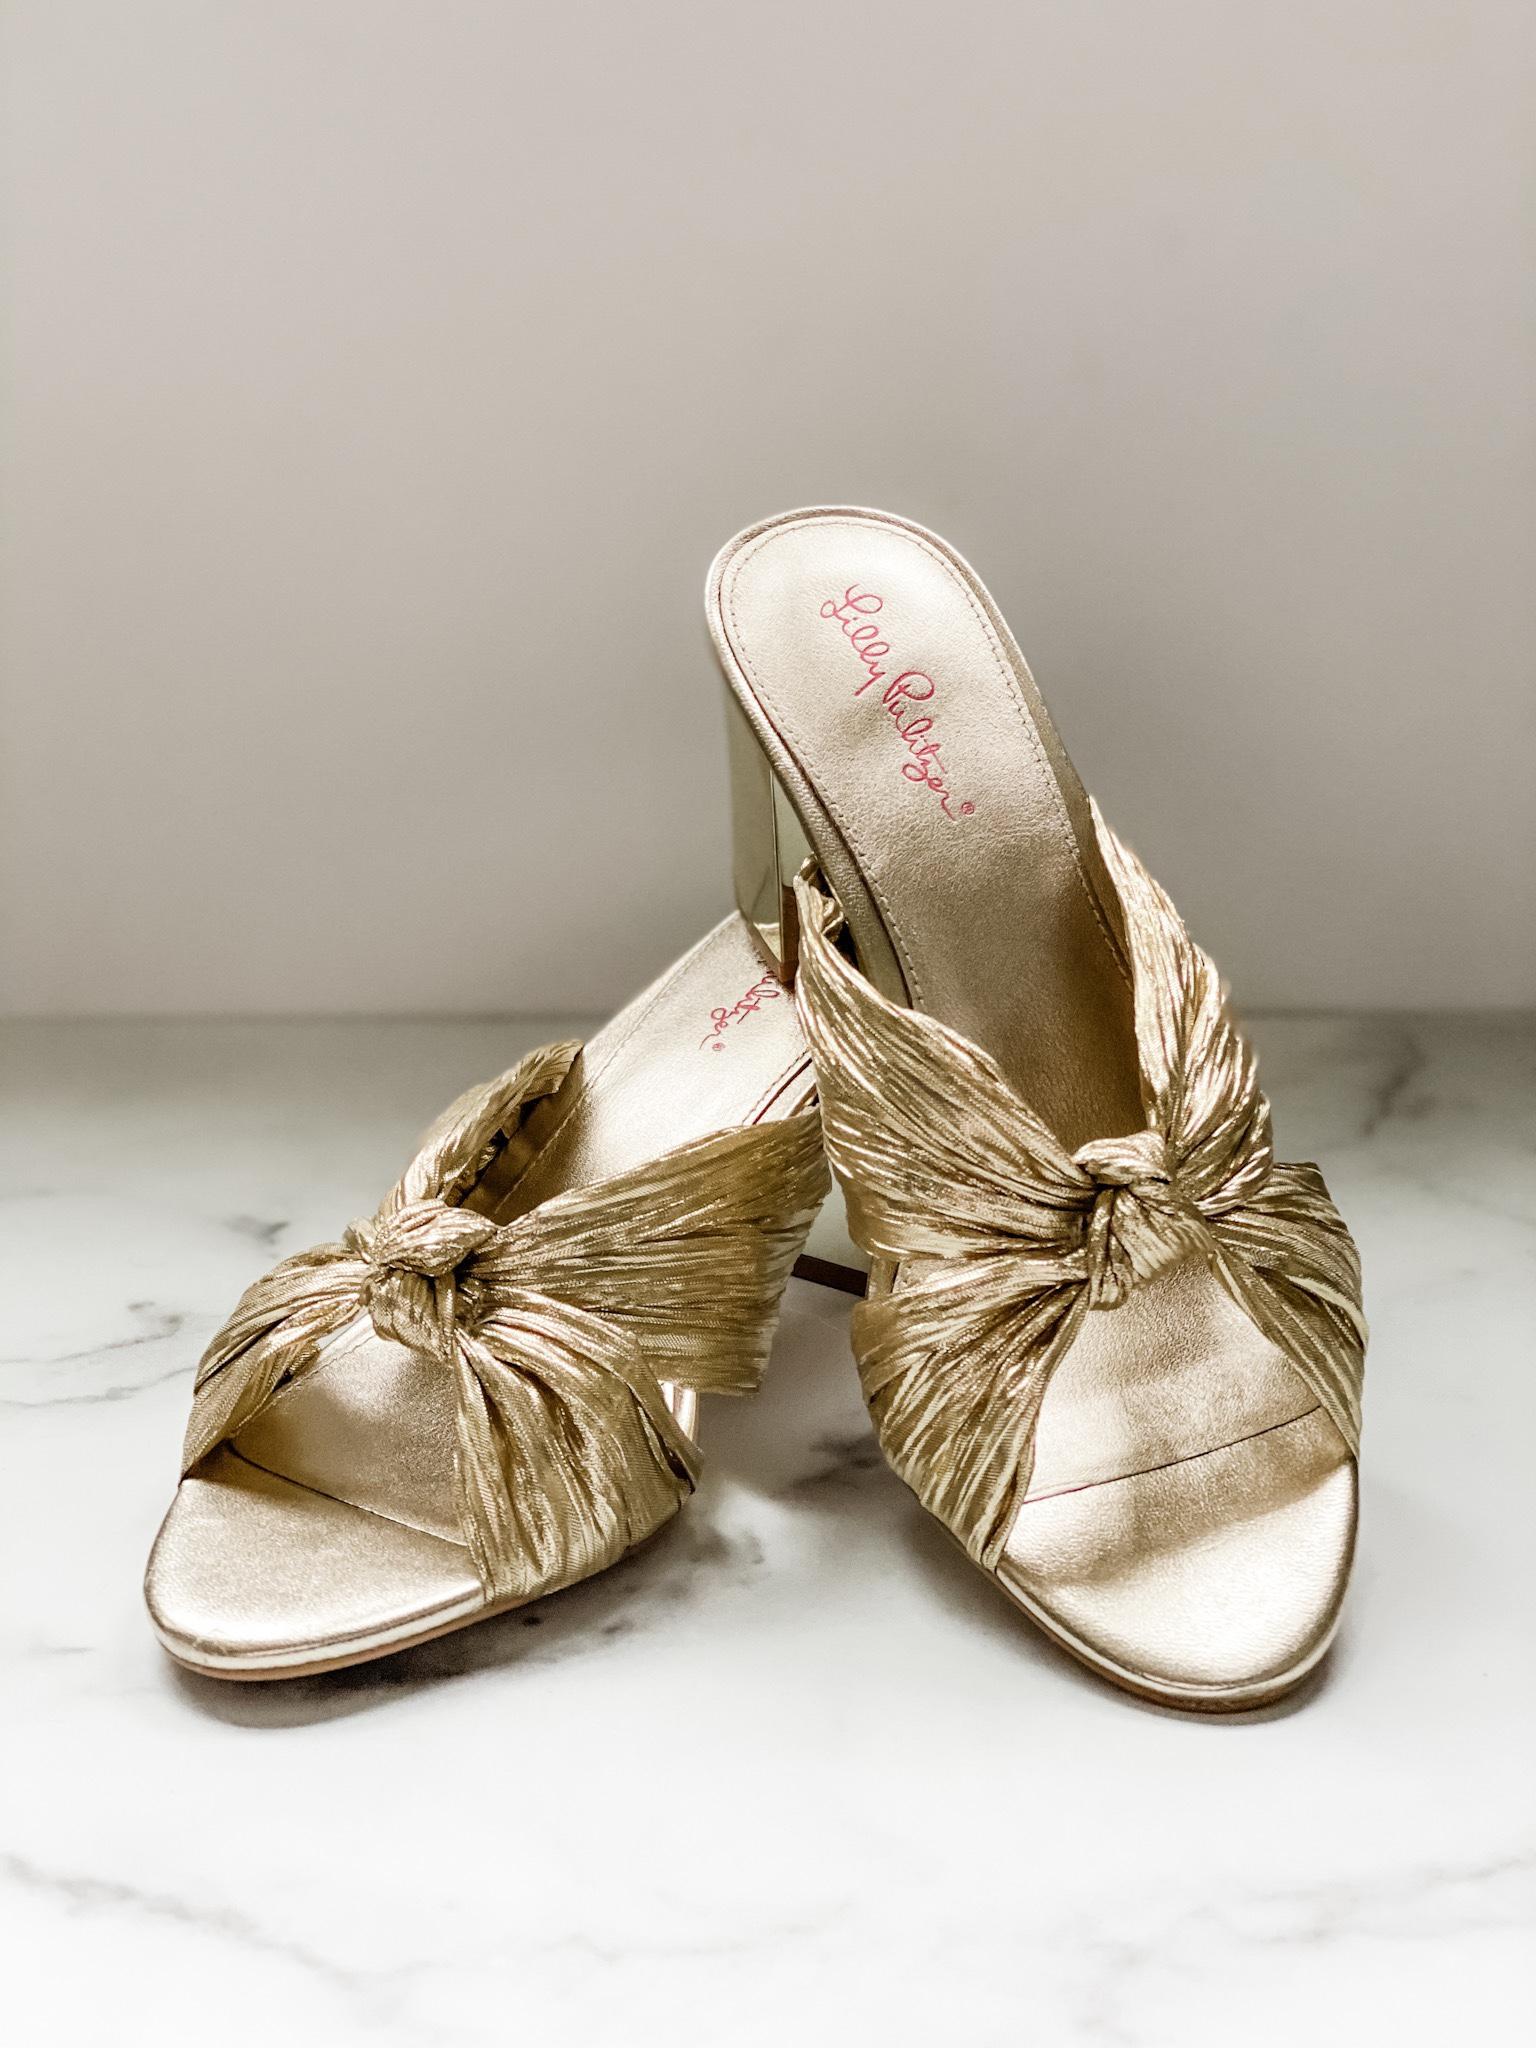 Loeffler Randall Emilia Shoe Dupe